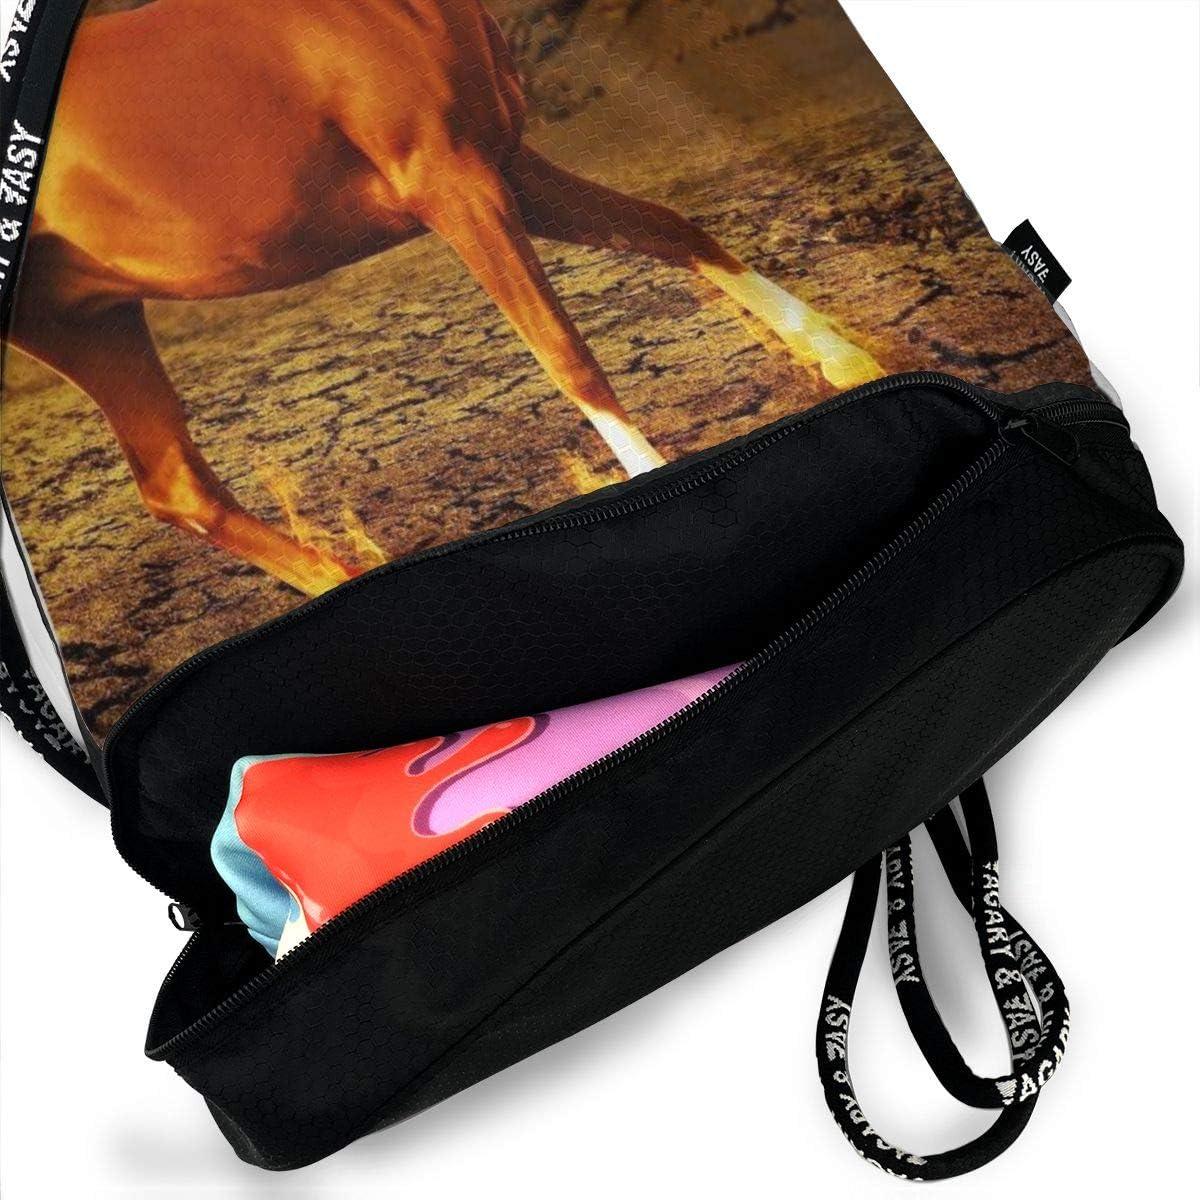 GymSack Drawstring Bag Sackpack Fire Horse Sport Cinch Pack Simple Bundle Pocke Backpack For Men Women